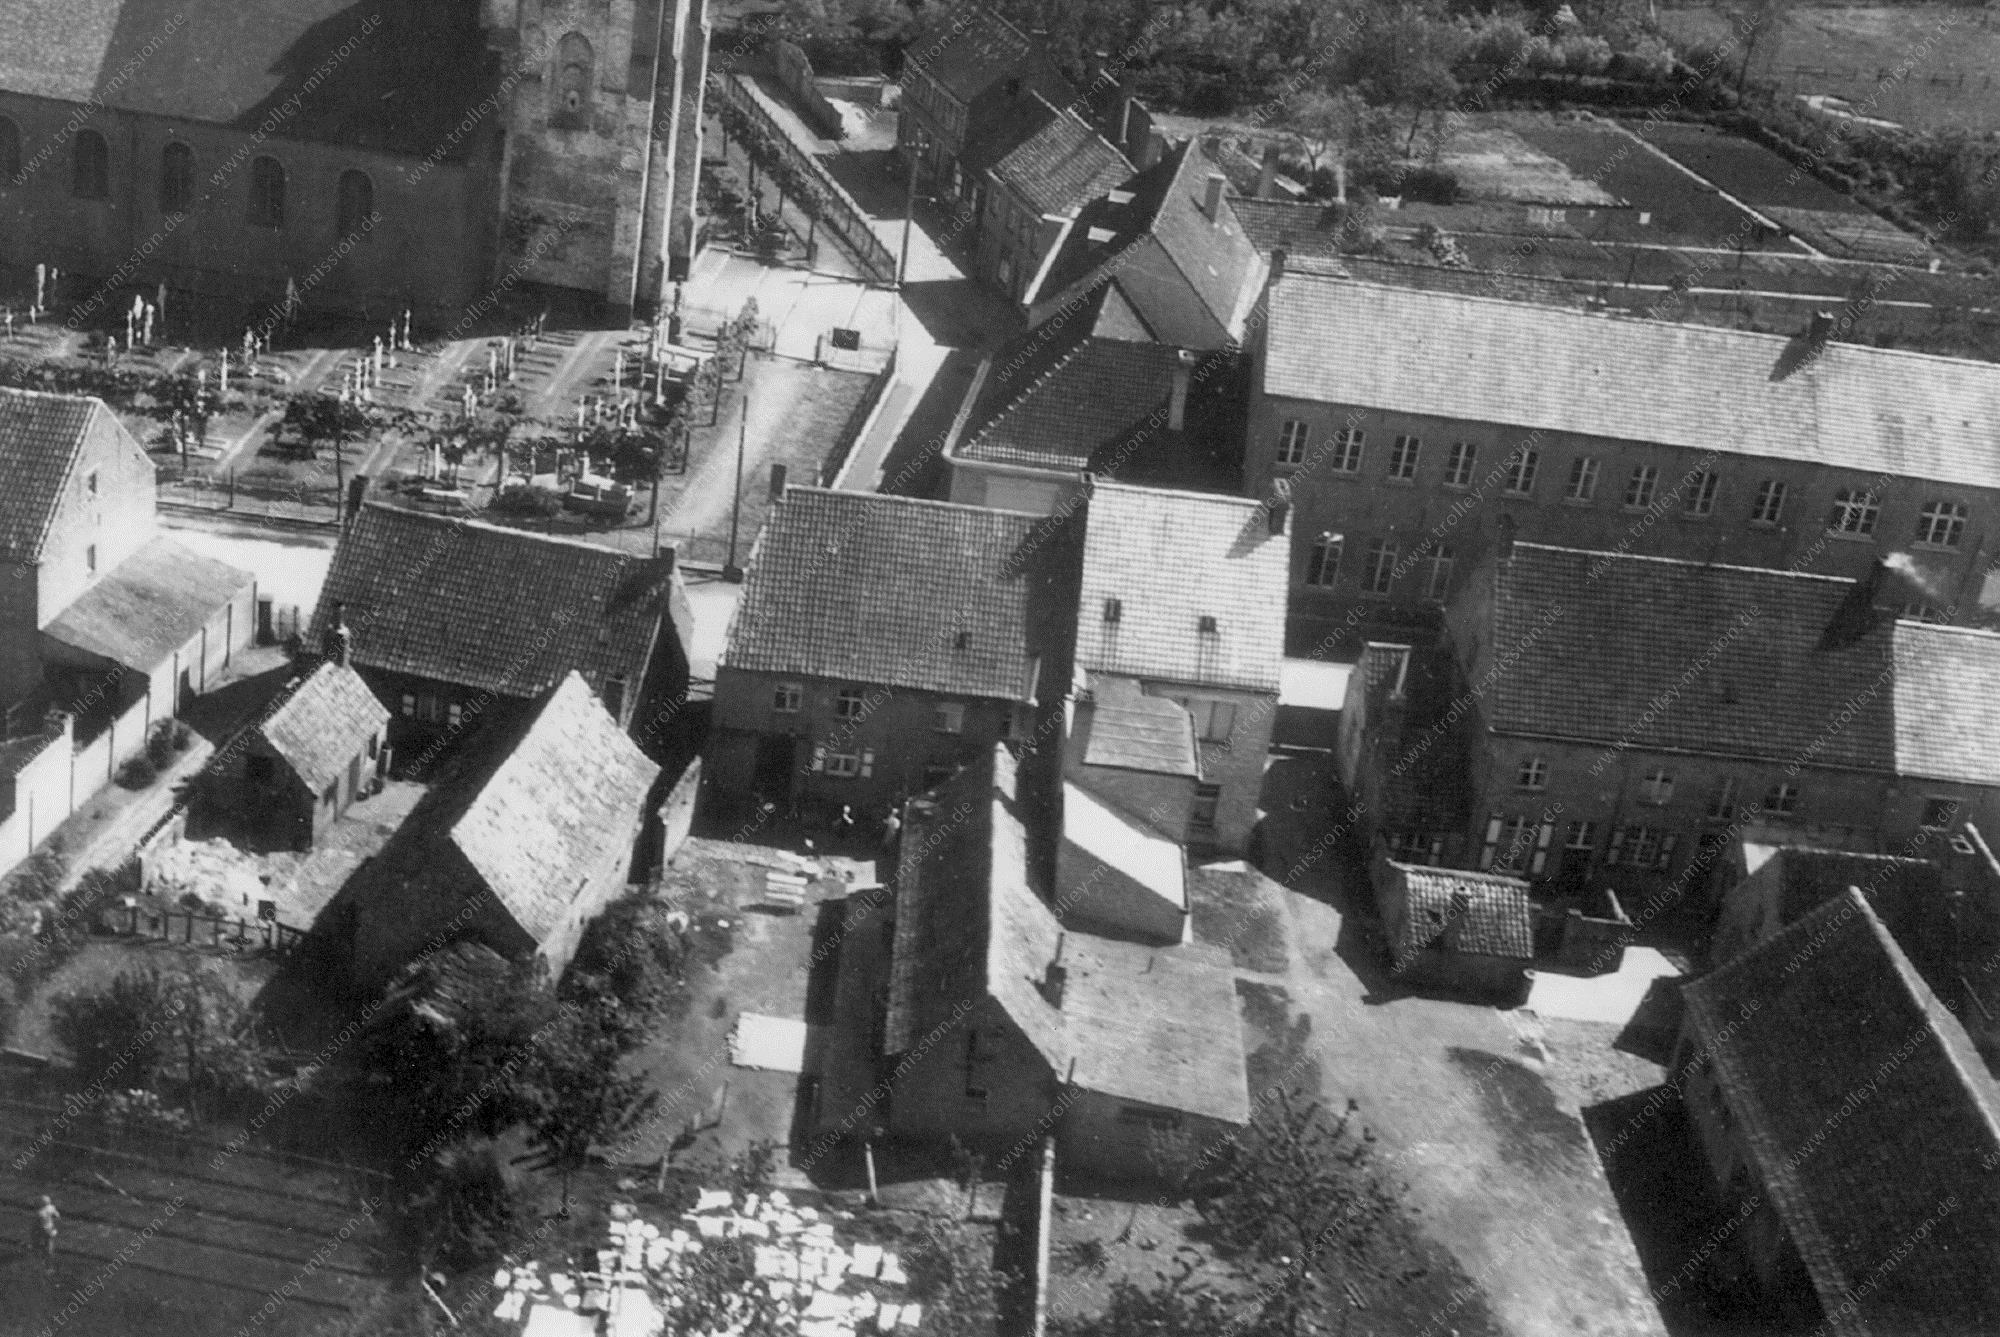 Unbekanntes Luftbild Kirche in kleinem Dorf